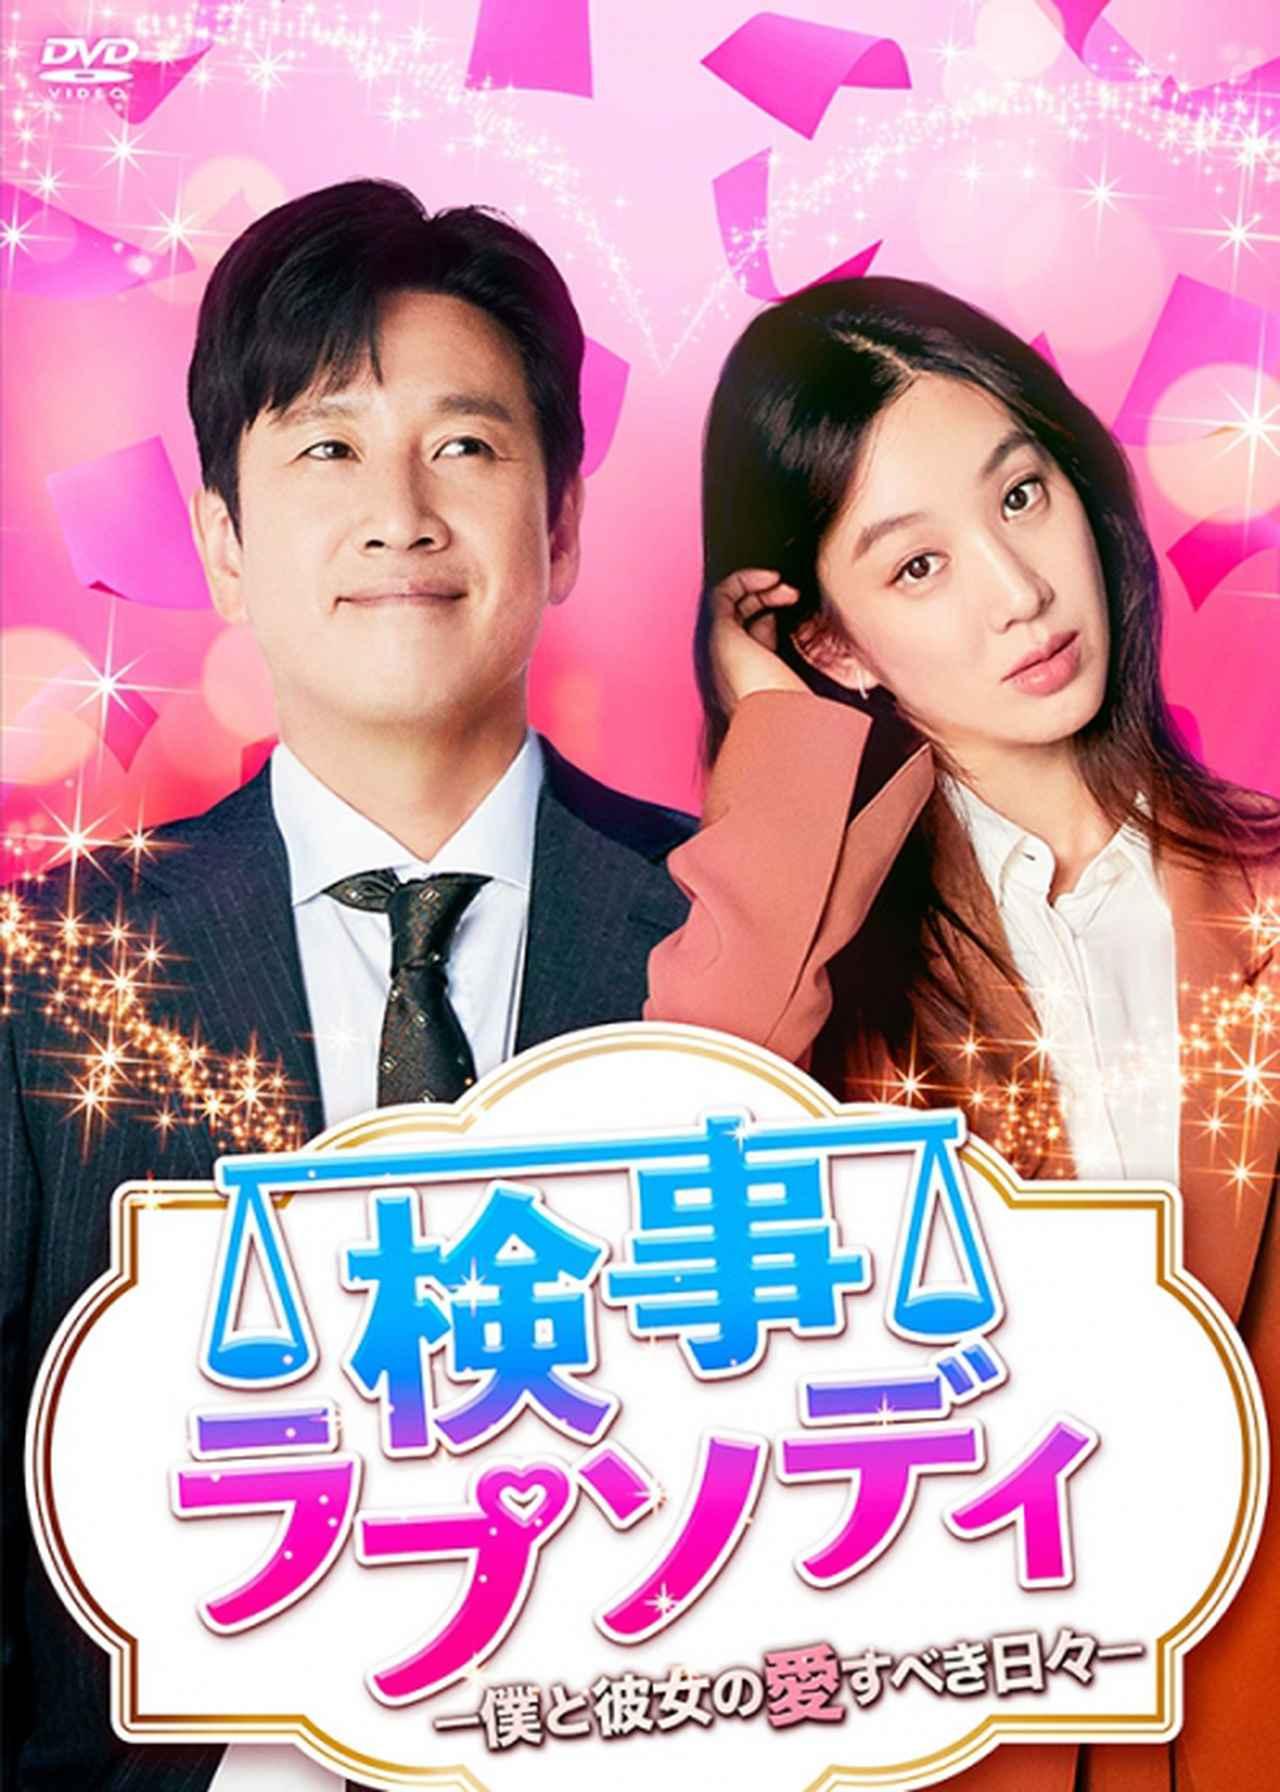 画像: 検事ラプソディ~僕と彼女の愛すべき日々~ DVD-BOX1 | TCエンタテインメント株式会社